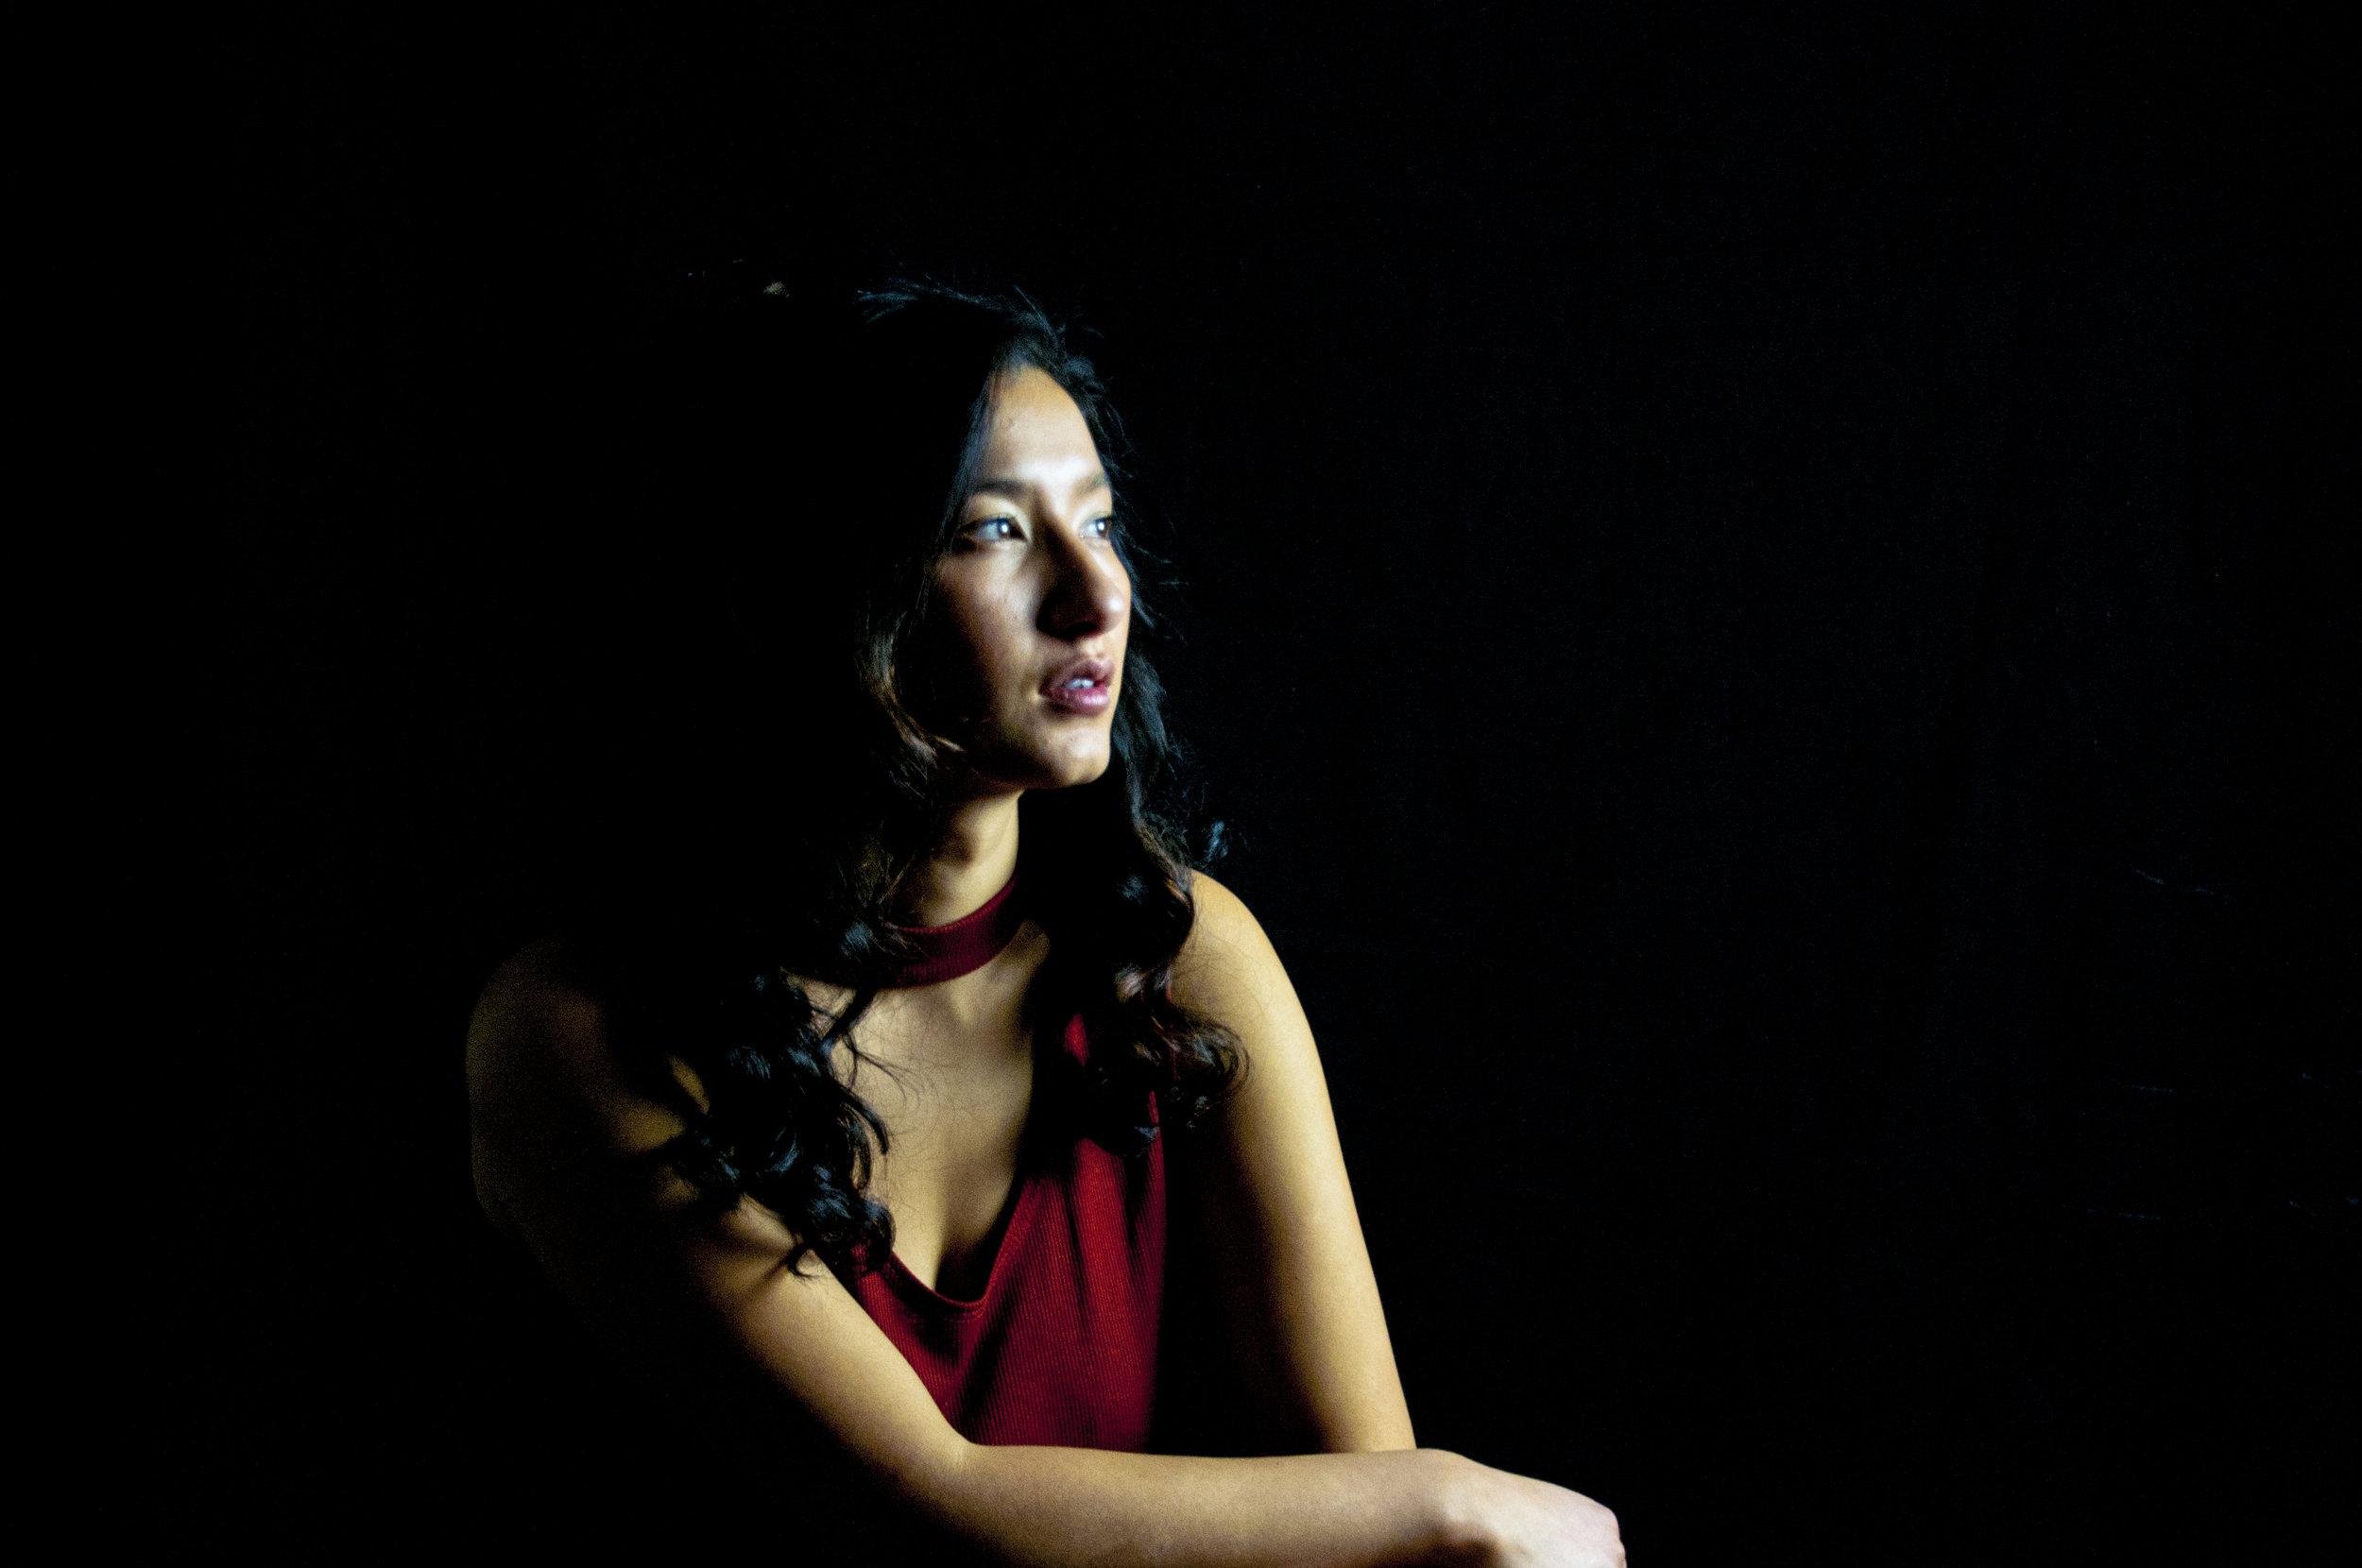 Sarah Pumpian